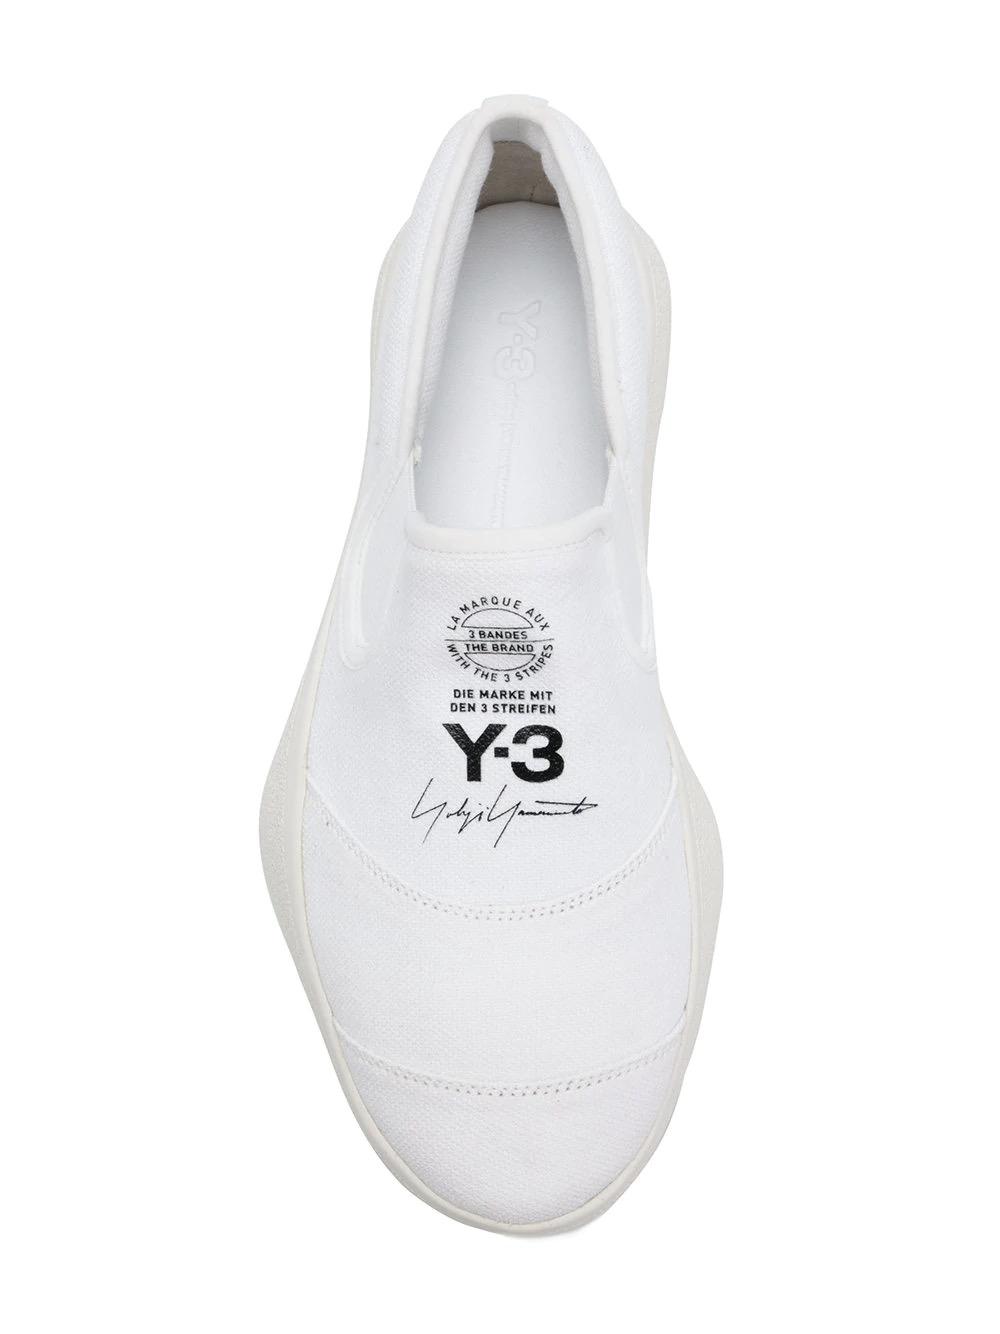 Scarpe da Tennis Donna Giochi e giocattoli adidas Adizero Y3